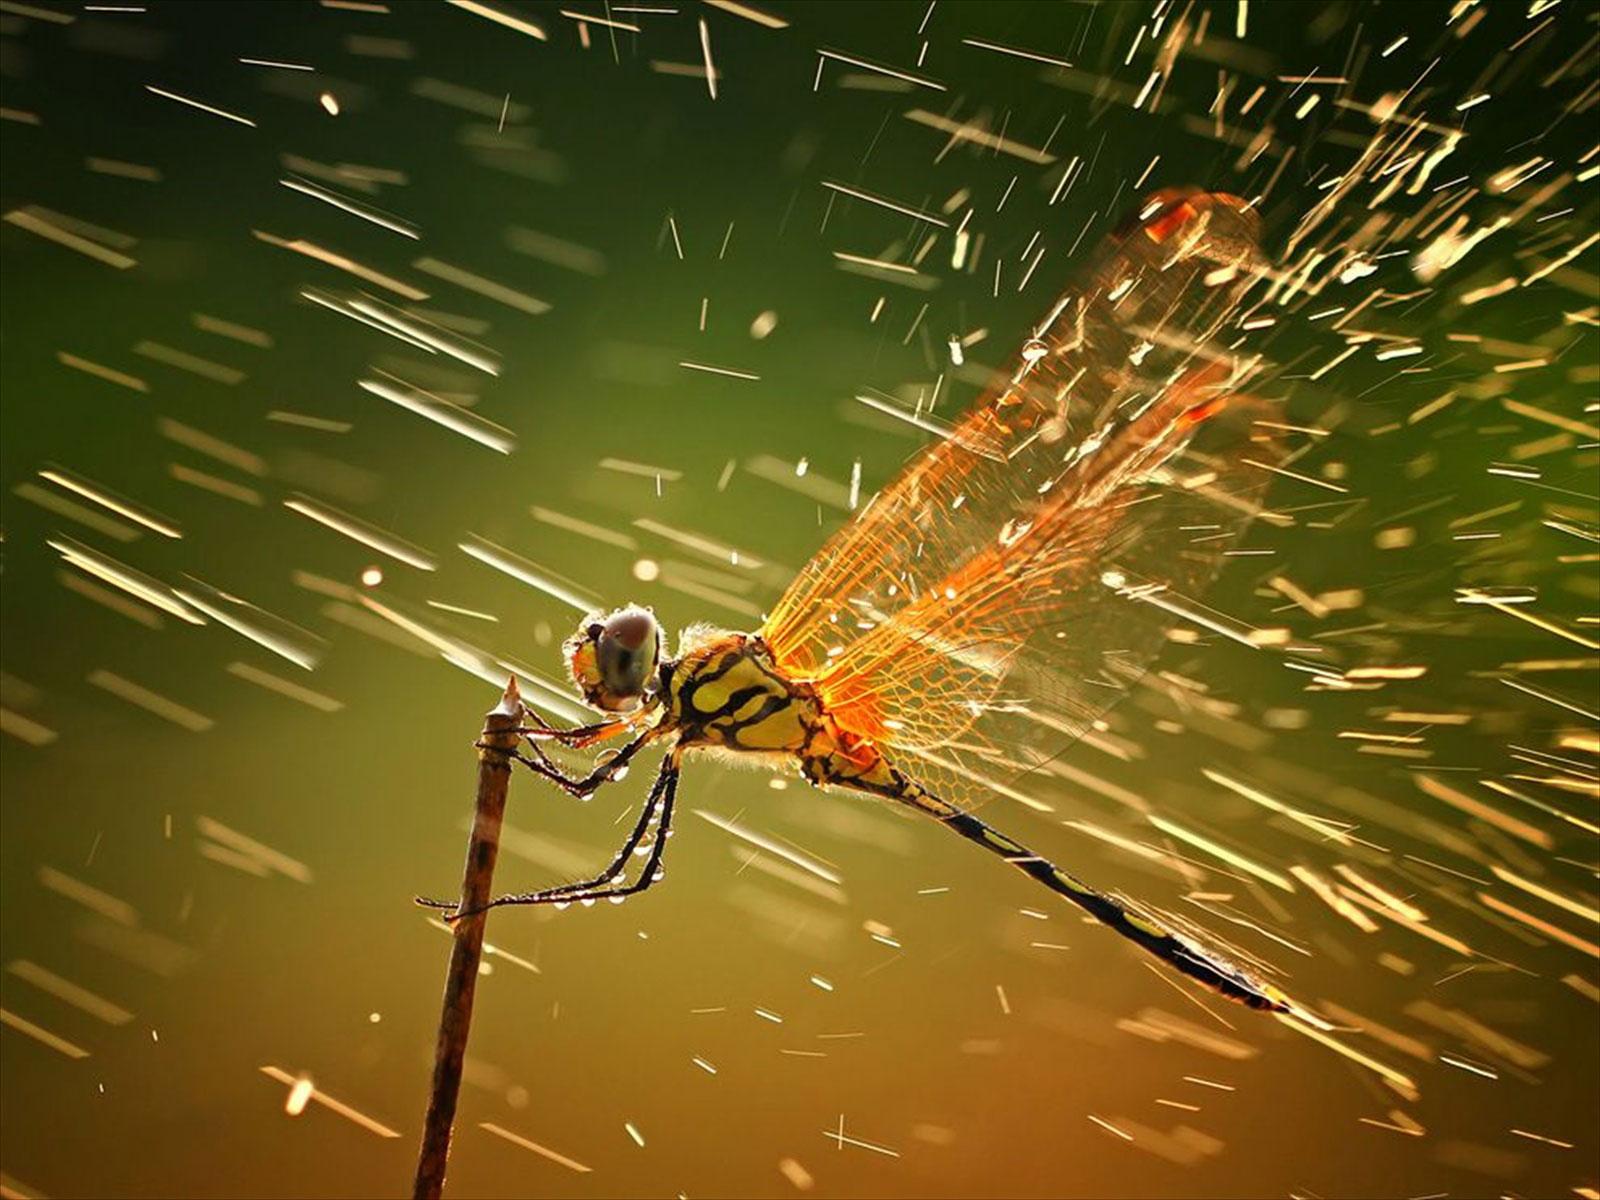 https://1.bp.blogspot.com/-CJ6cEmdC2KU/T-loE5iThcI/AAAAAAAAAUI/lzWSUWqAZTQ/s1600/dragonfly-HD-rain-wallpaper.jpg